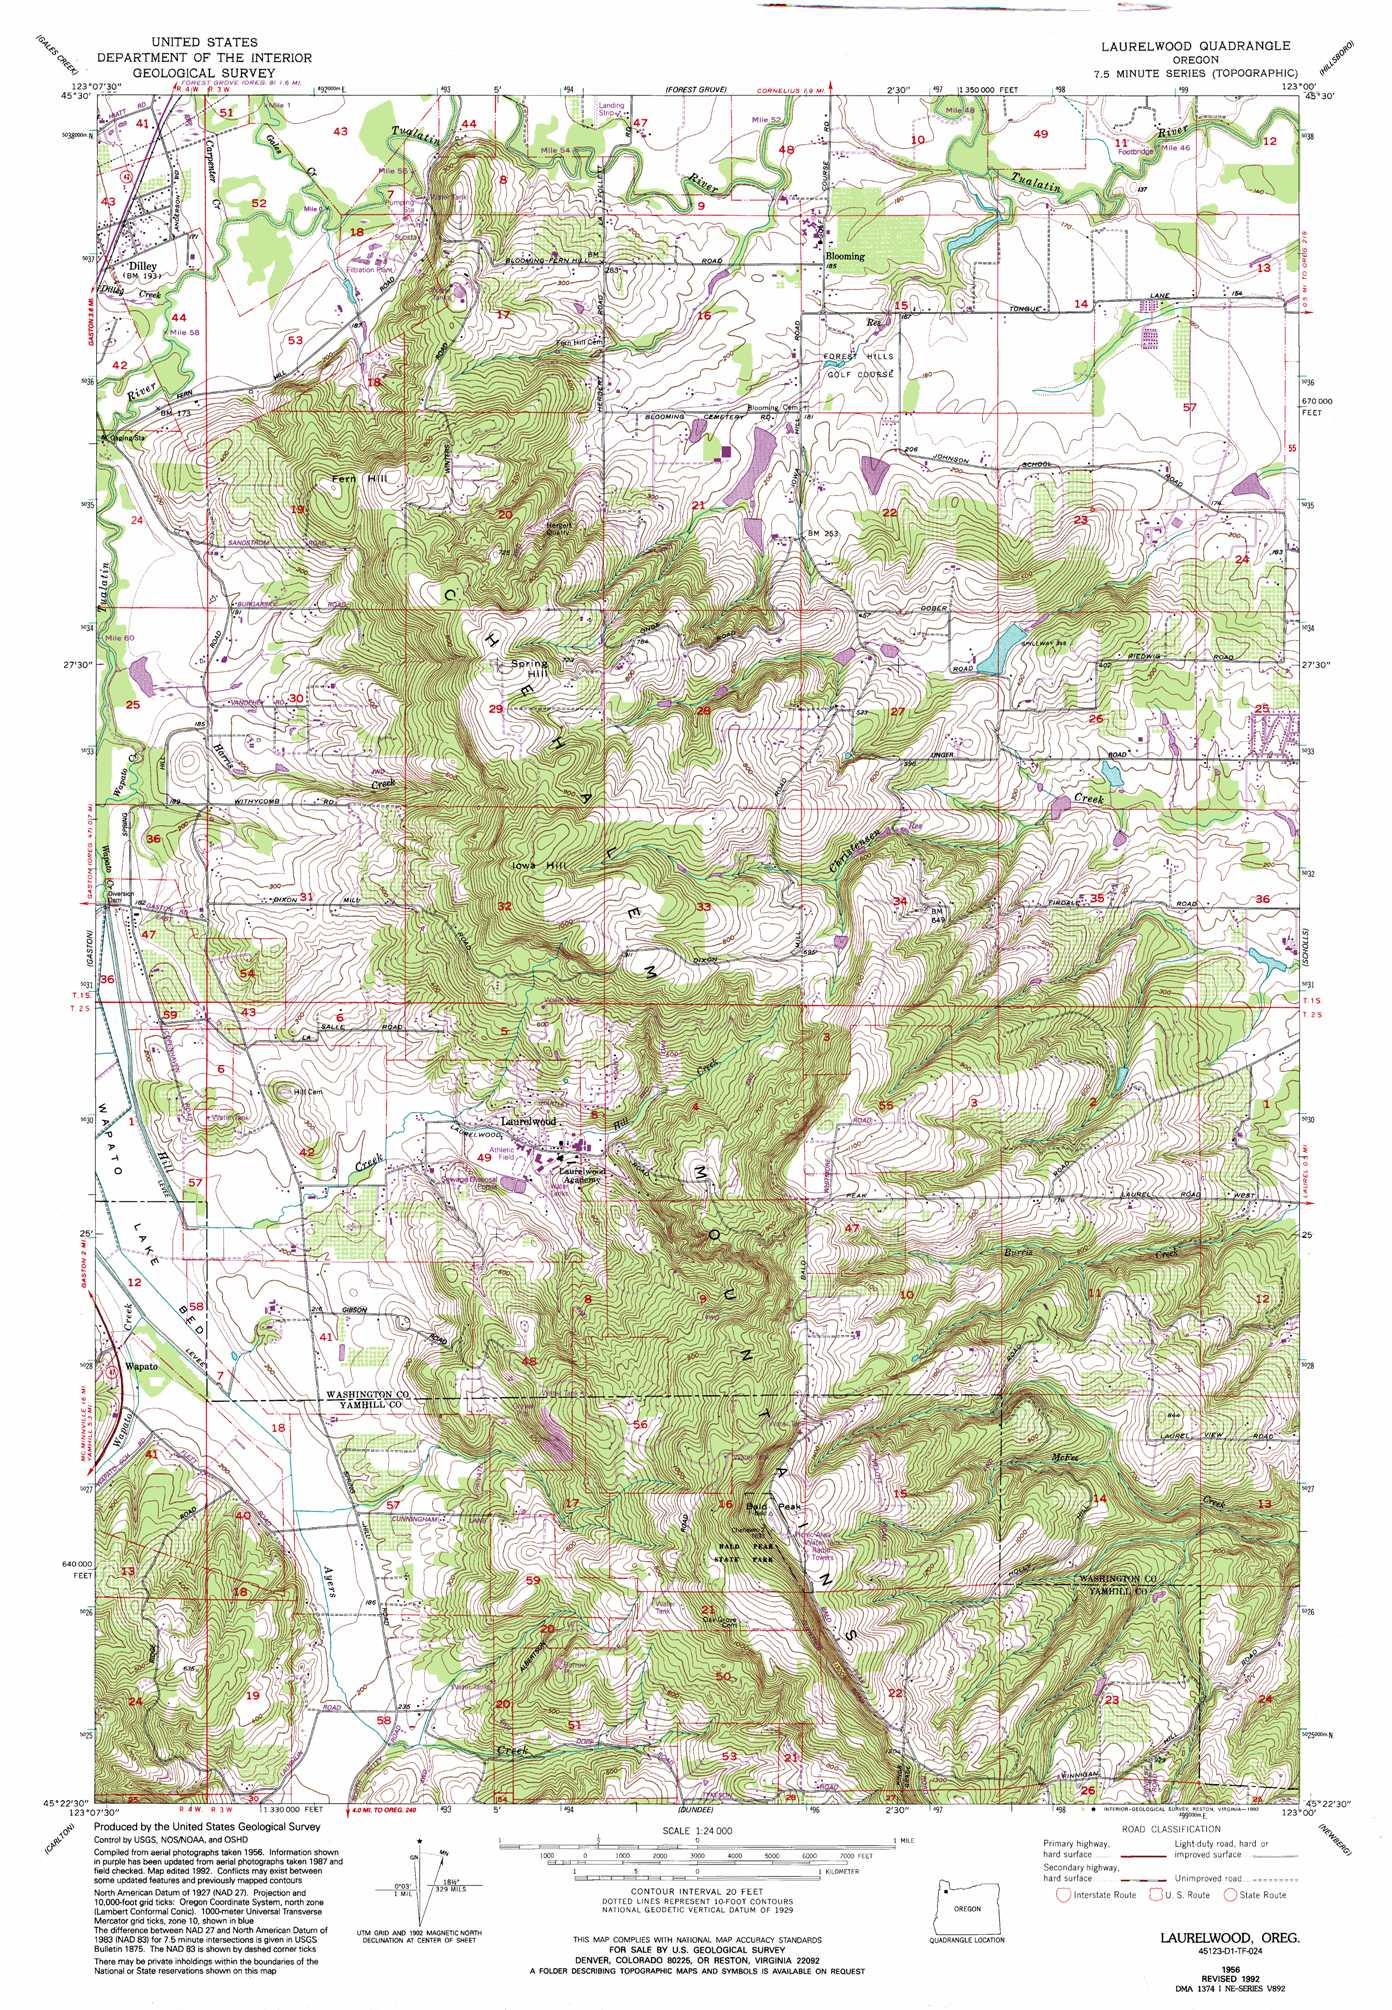 Laurelwood Topographic Map Or Usgs Topo Quad 45123d1